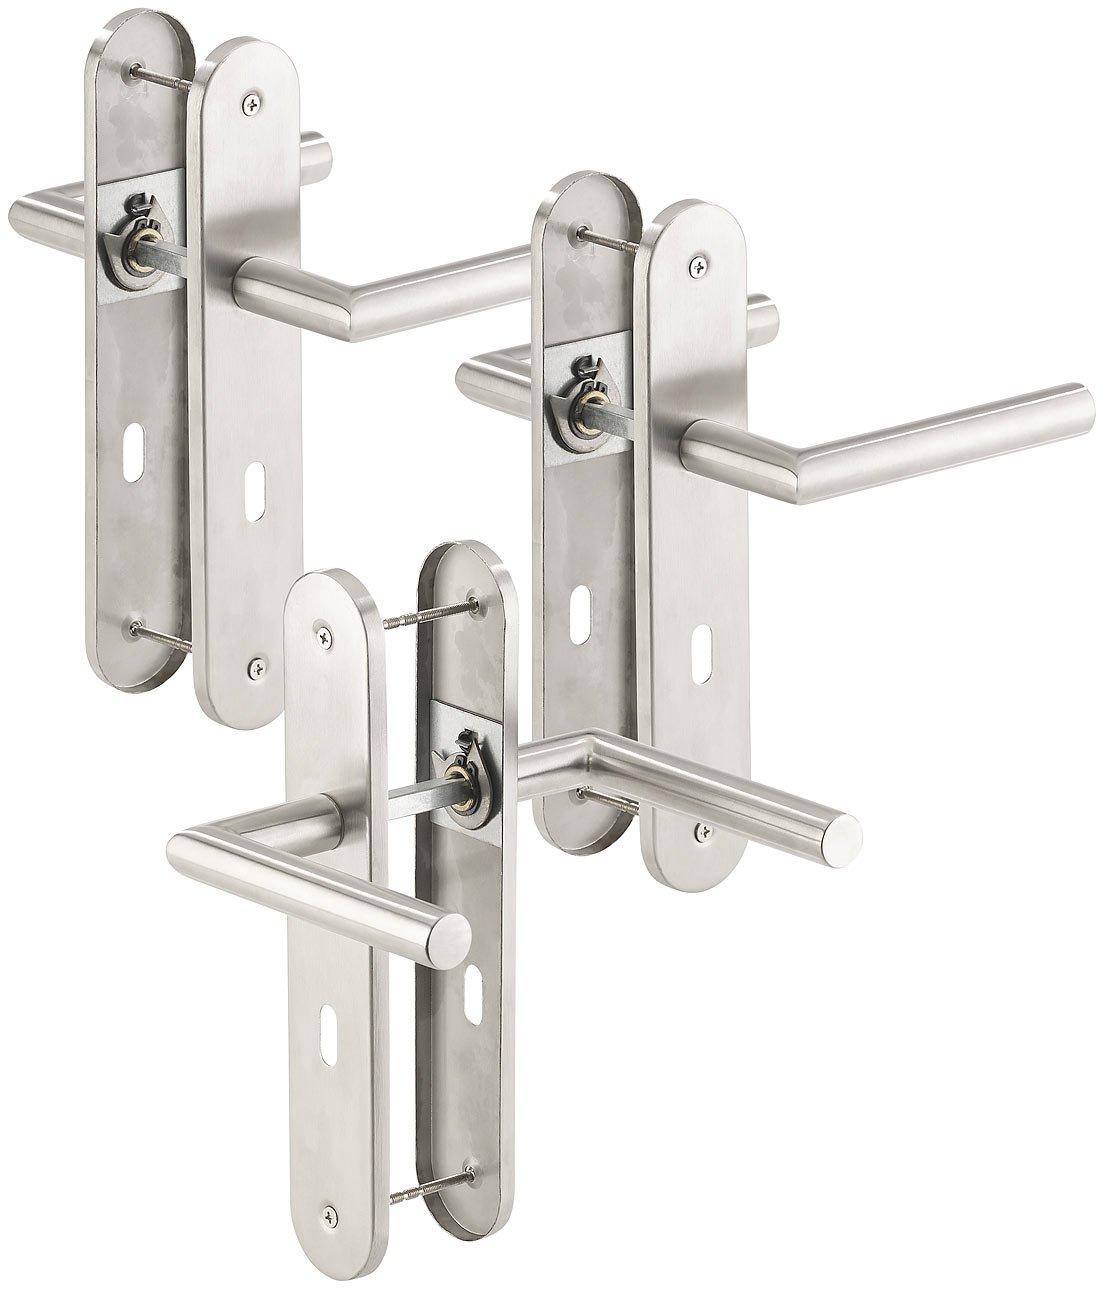 T/ür-Beschl/äge AGT T/ürgriffe 6 T/ürklinken /& 6 Langschilder 3er-Set Moderne Edelstahl-T/ürbeschl/äge